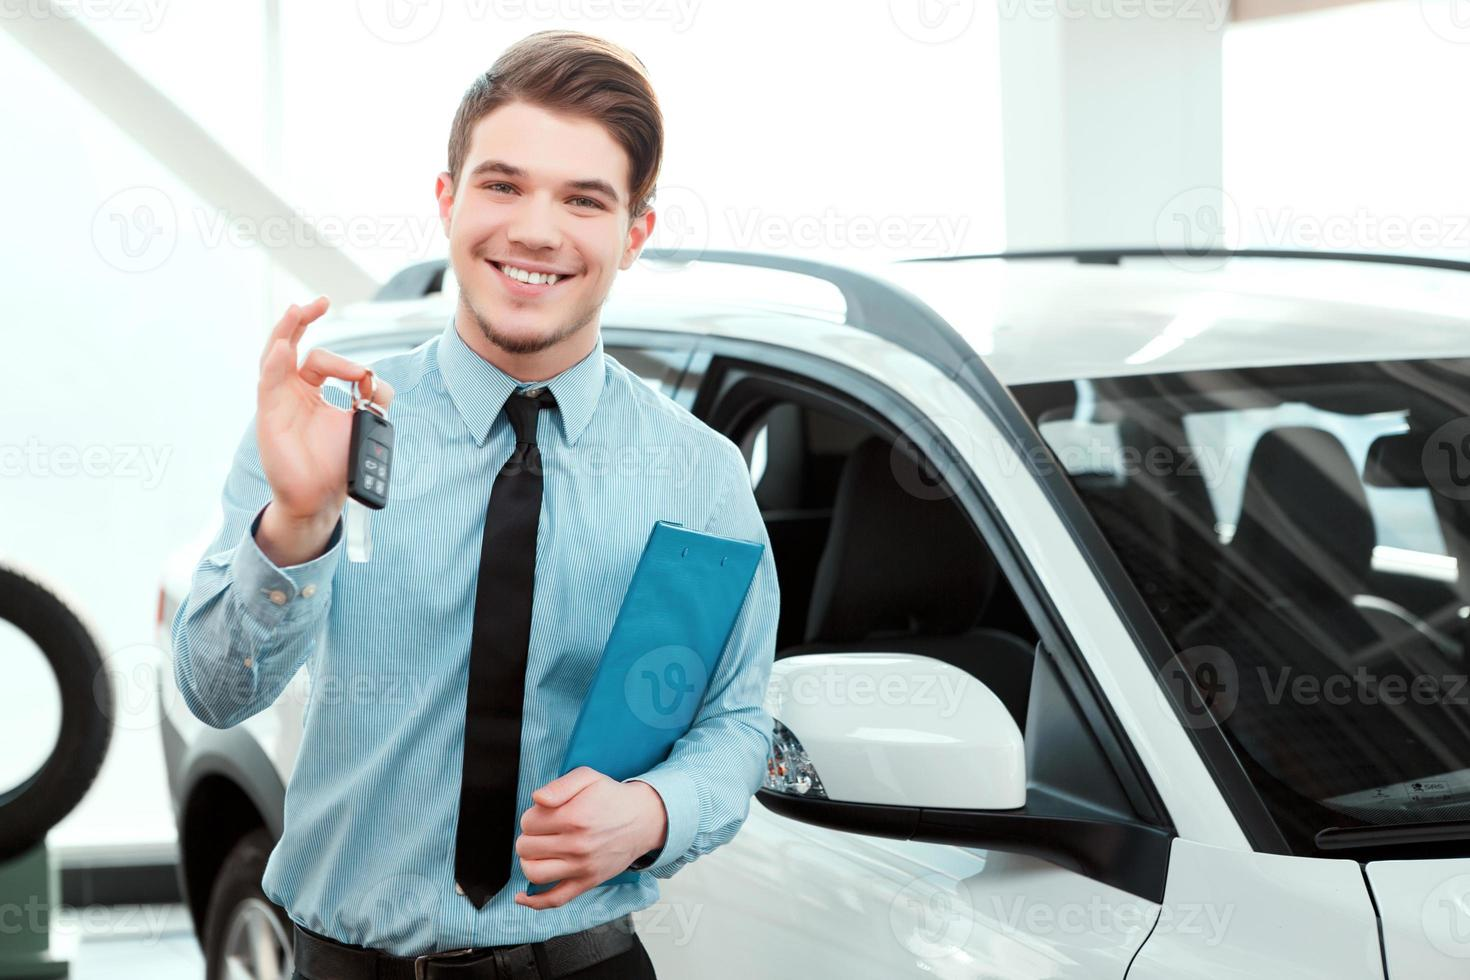 giovane sorridente, alzando le chiavi della macchina, accanto a una macchina nuova foto